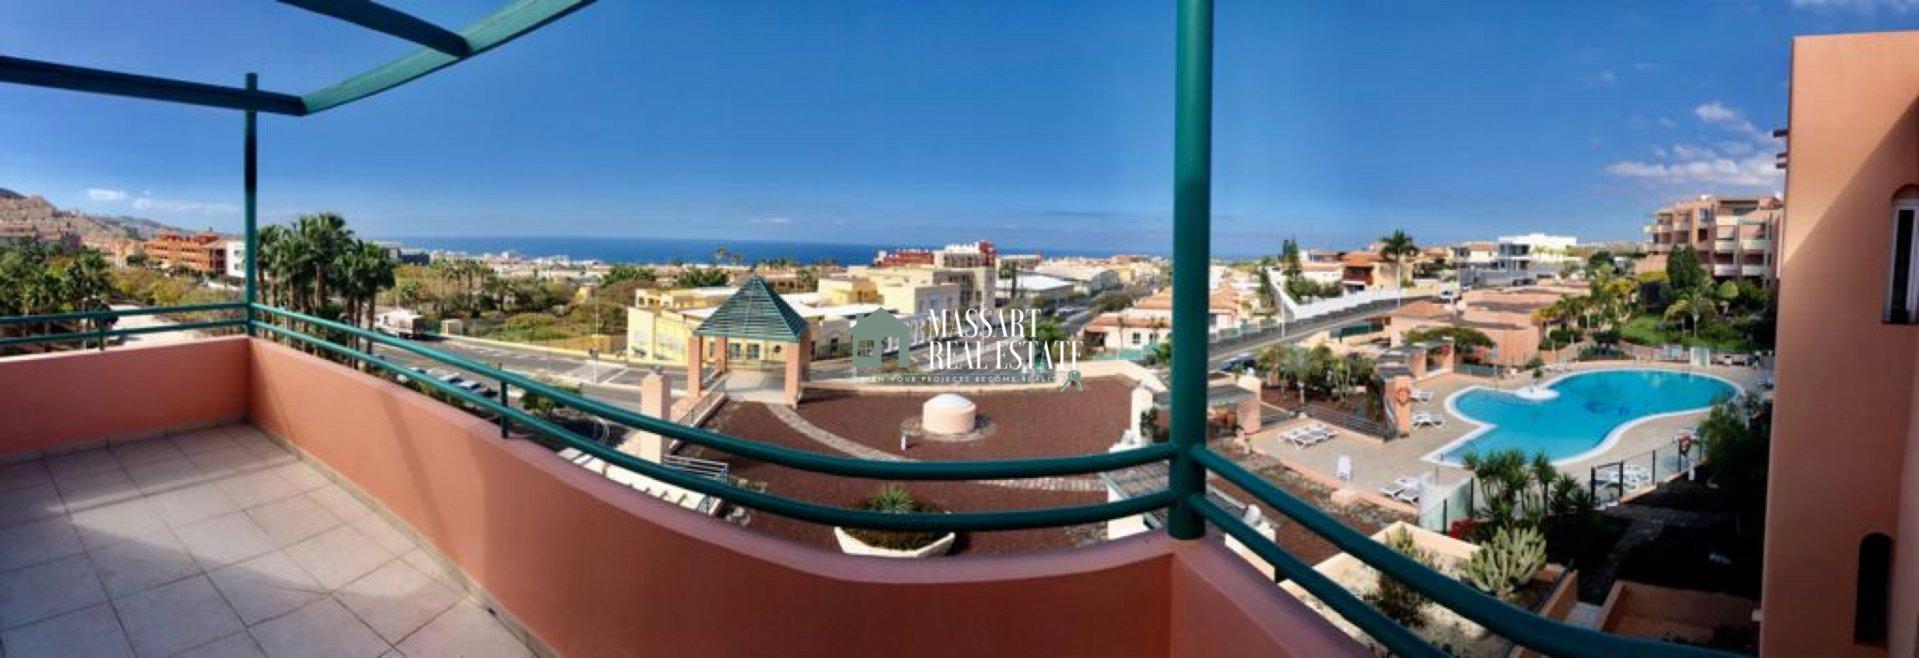 Ático de 132 m2 recientemente renovado caracterizado por ofrecer panorámicas vistas al mar y a la piscina comunitaria, en la prestigiosa zona de El Madroñal (Costa Adeje).